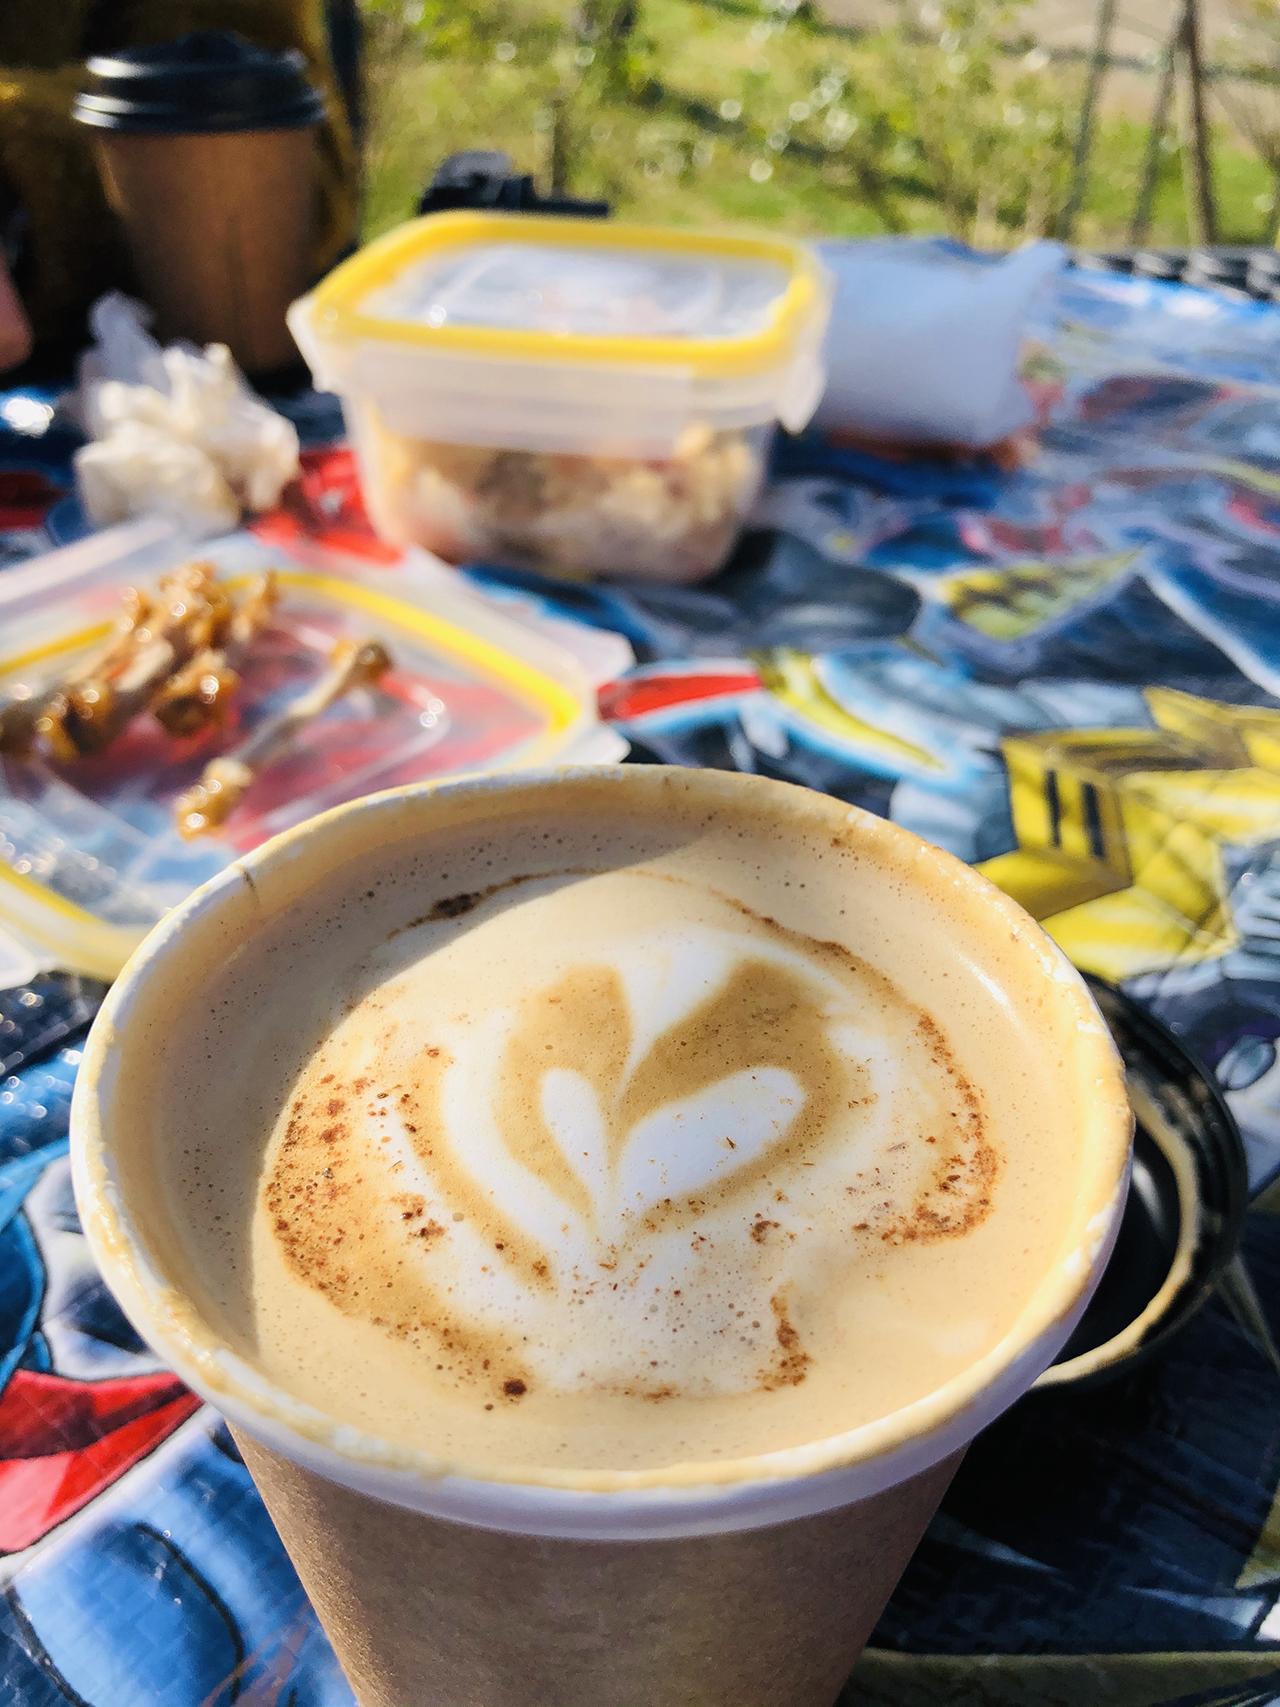 ジンジャーブレッドカフェラテの写真